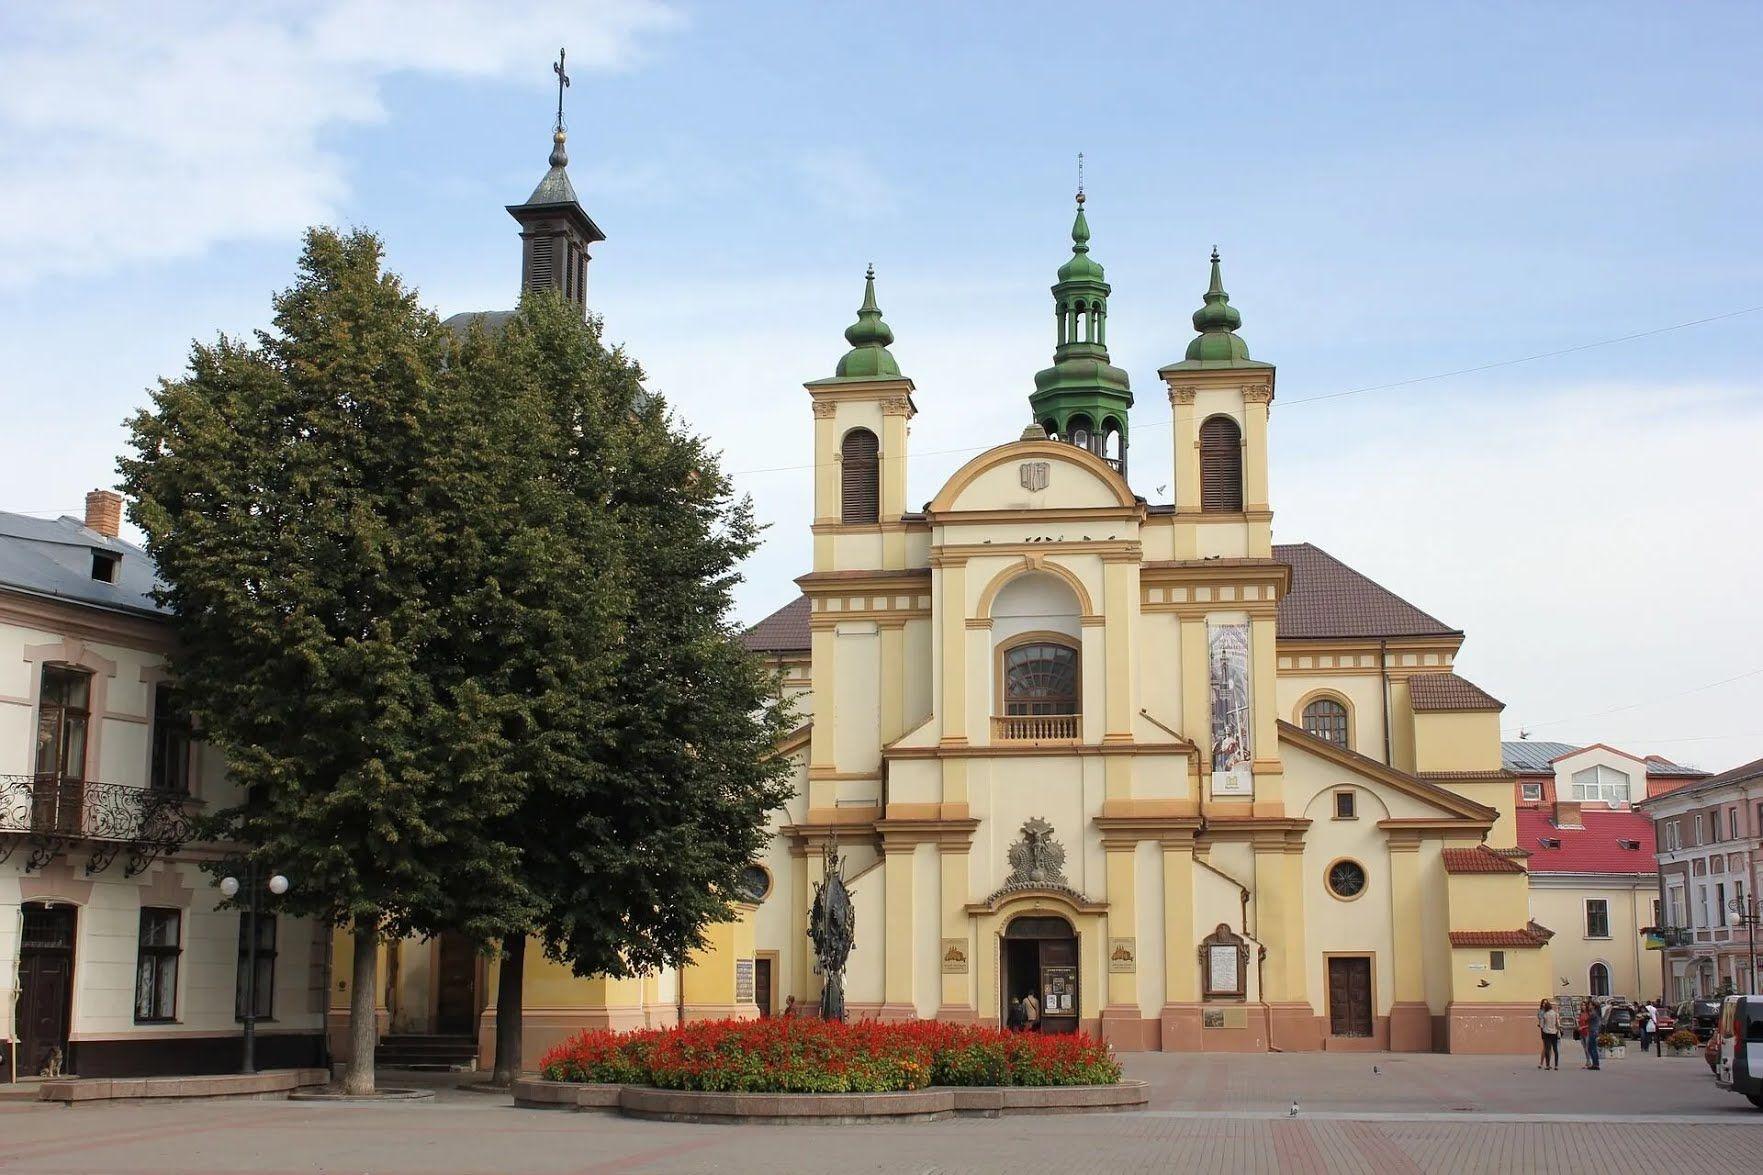 Івано-Франківськ славиться романтичною атмосферою.